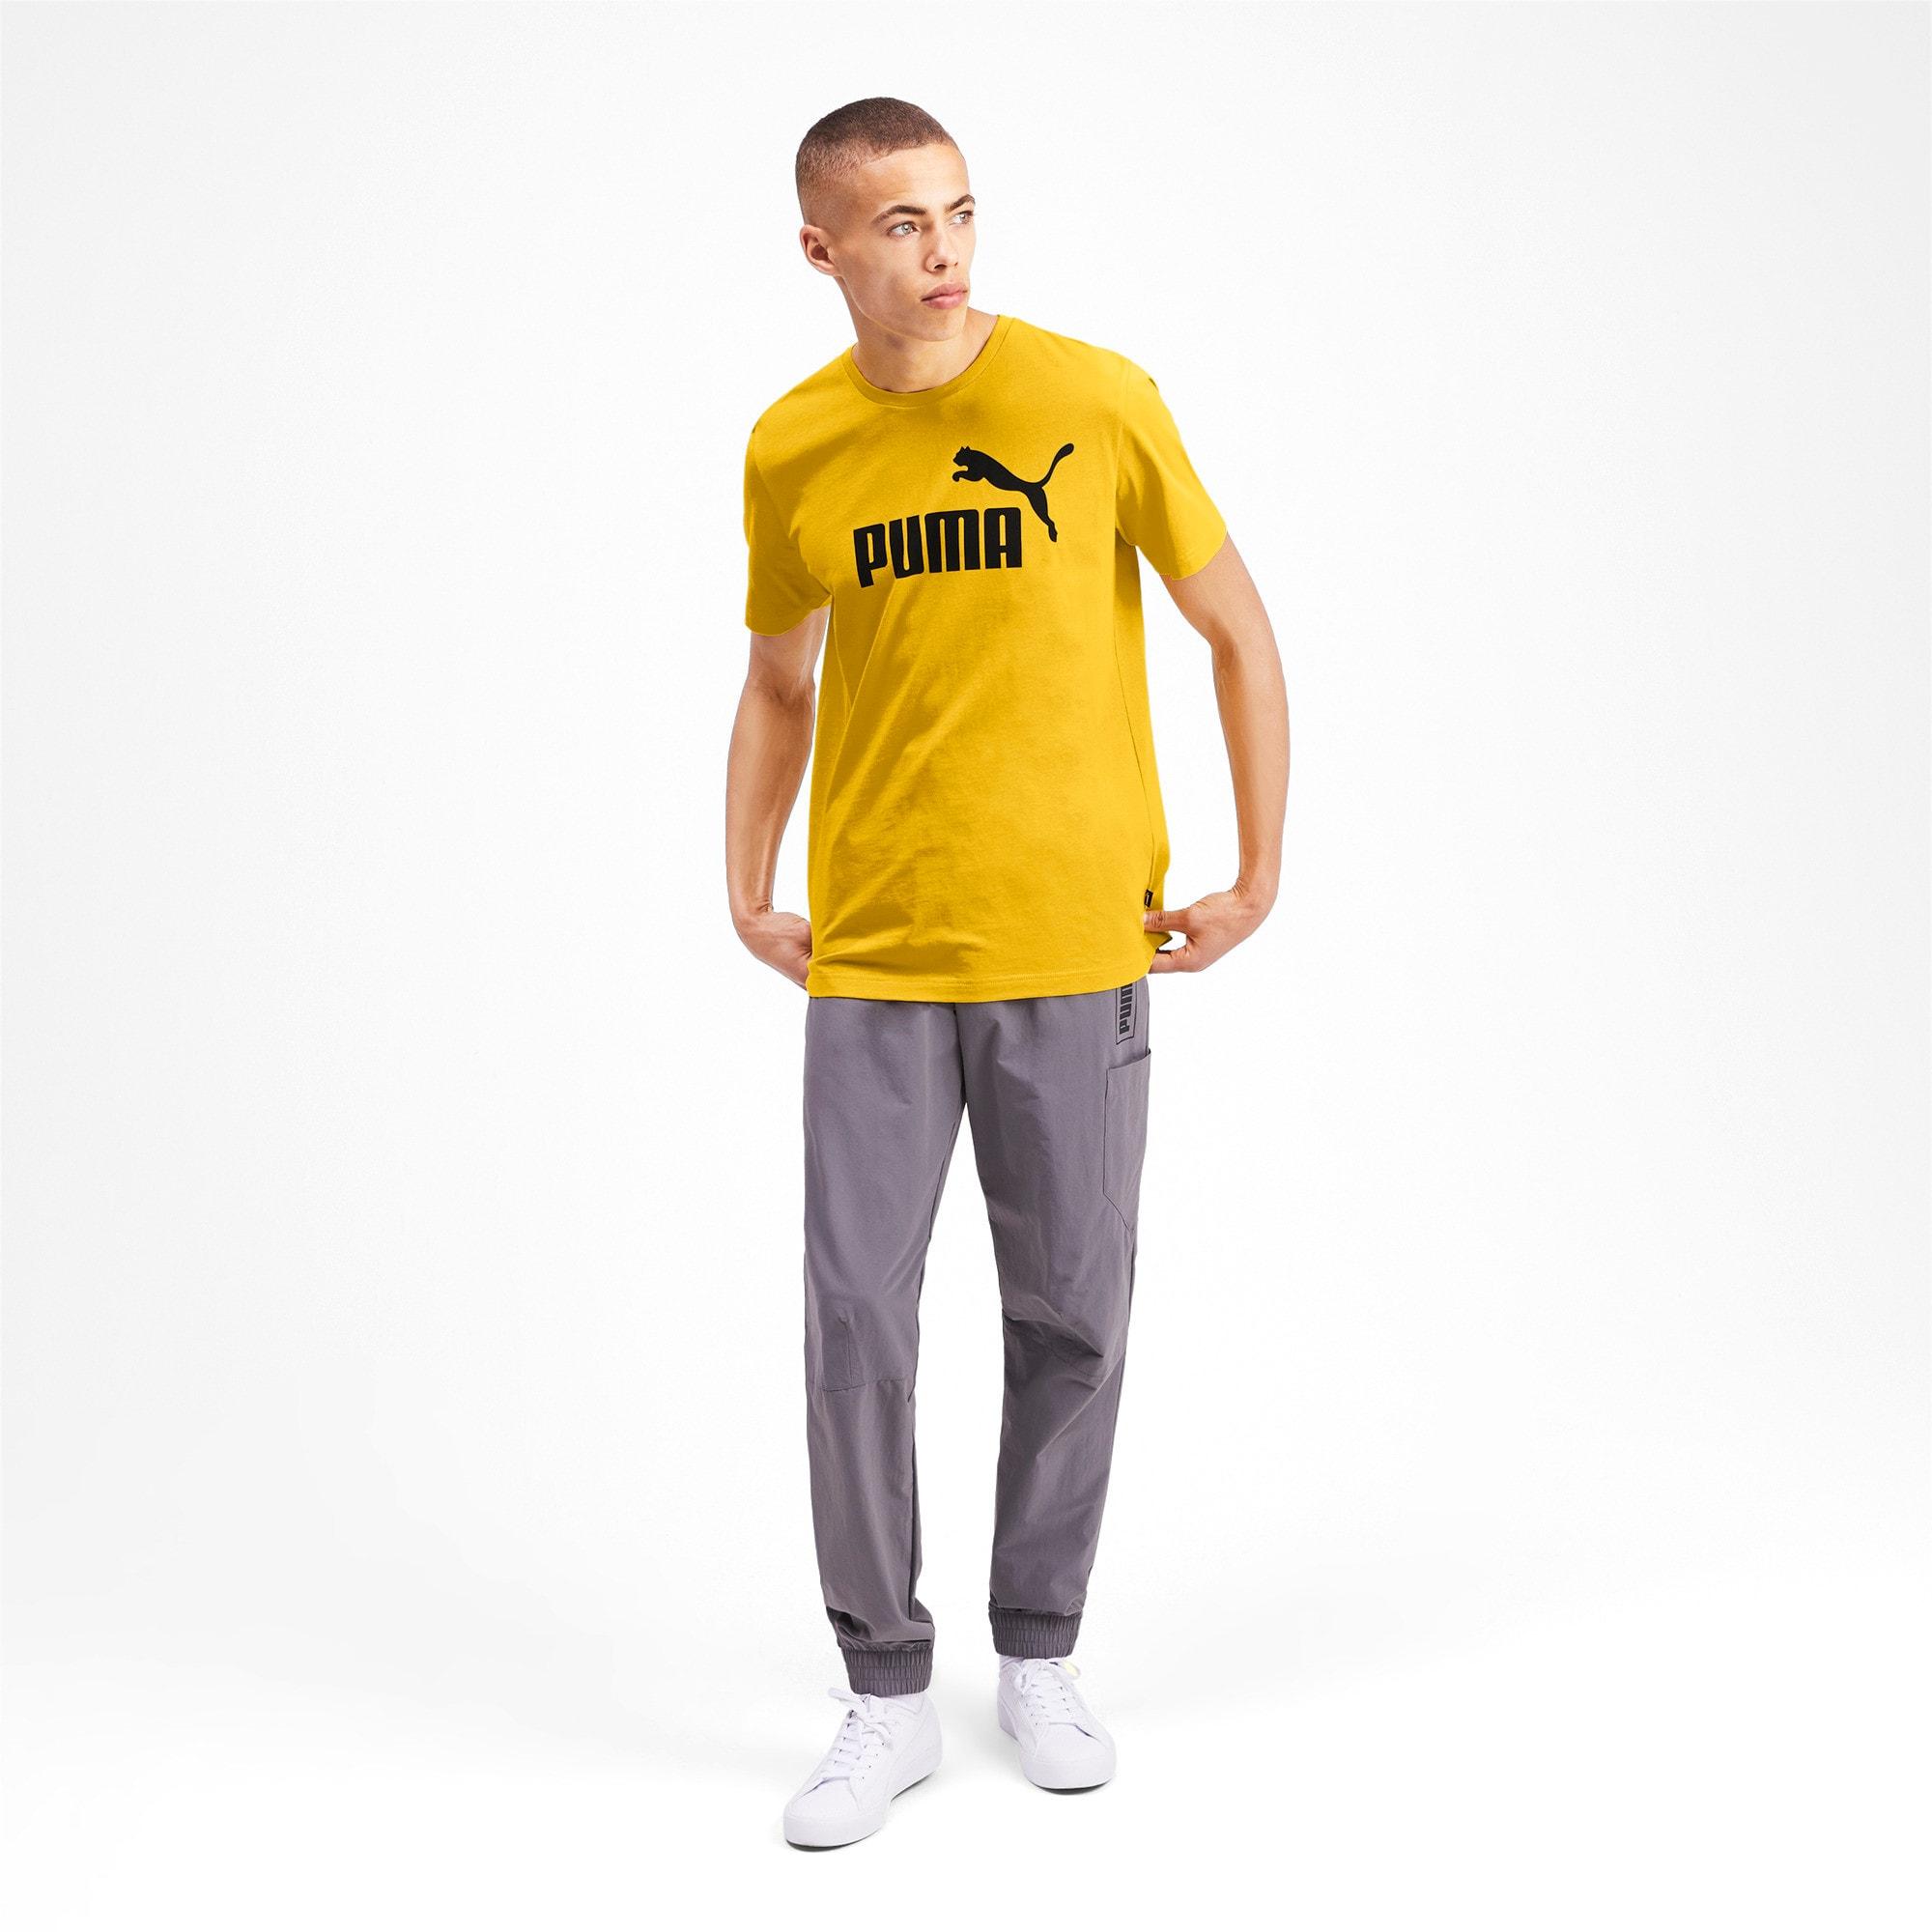 Thumbnail 3 of T-shirt Essentials uomo, Sulphur, medium